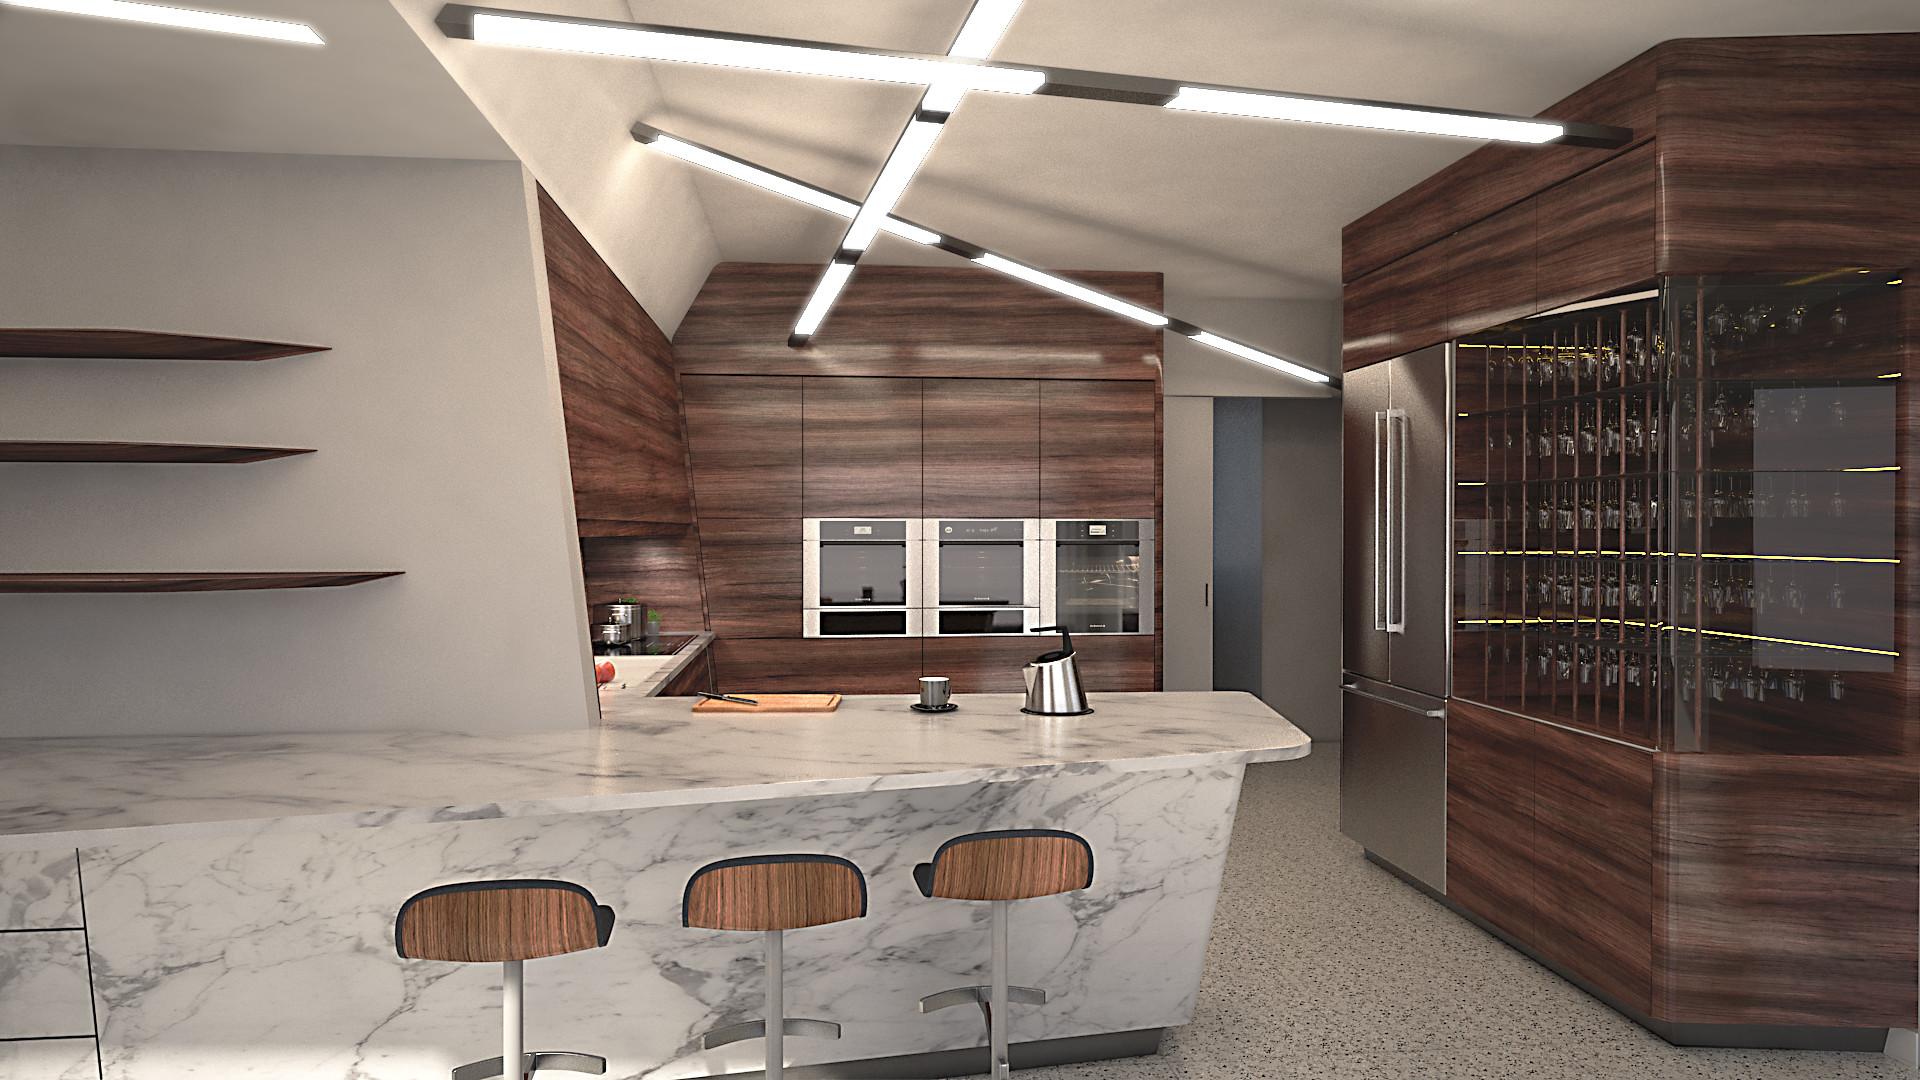 Jean philippe lybeer goddeeris kitchen 3